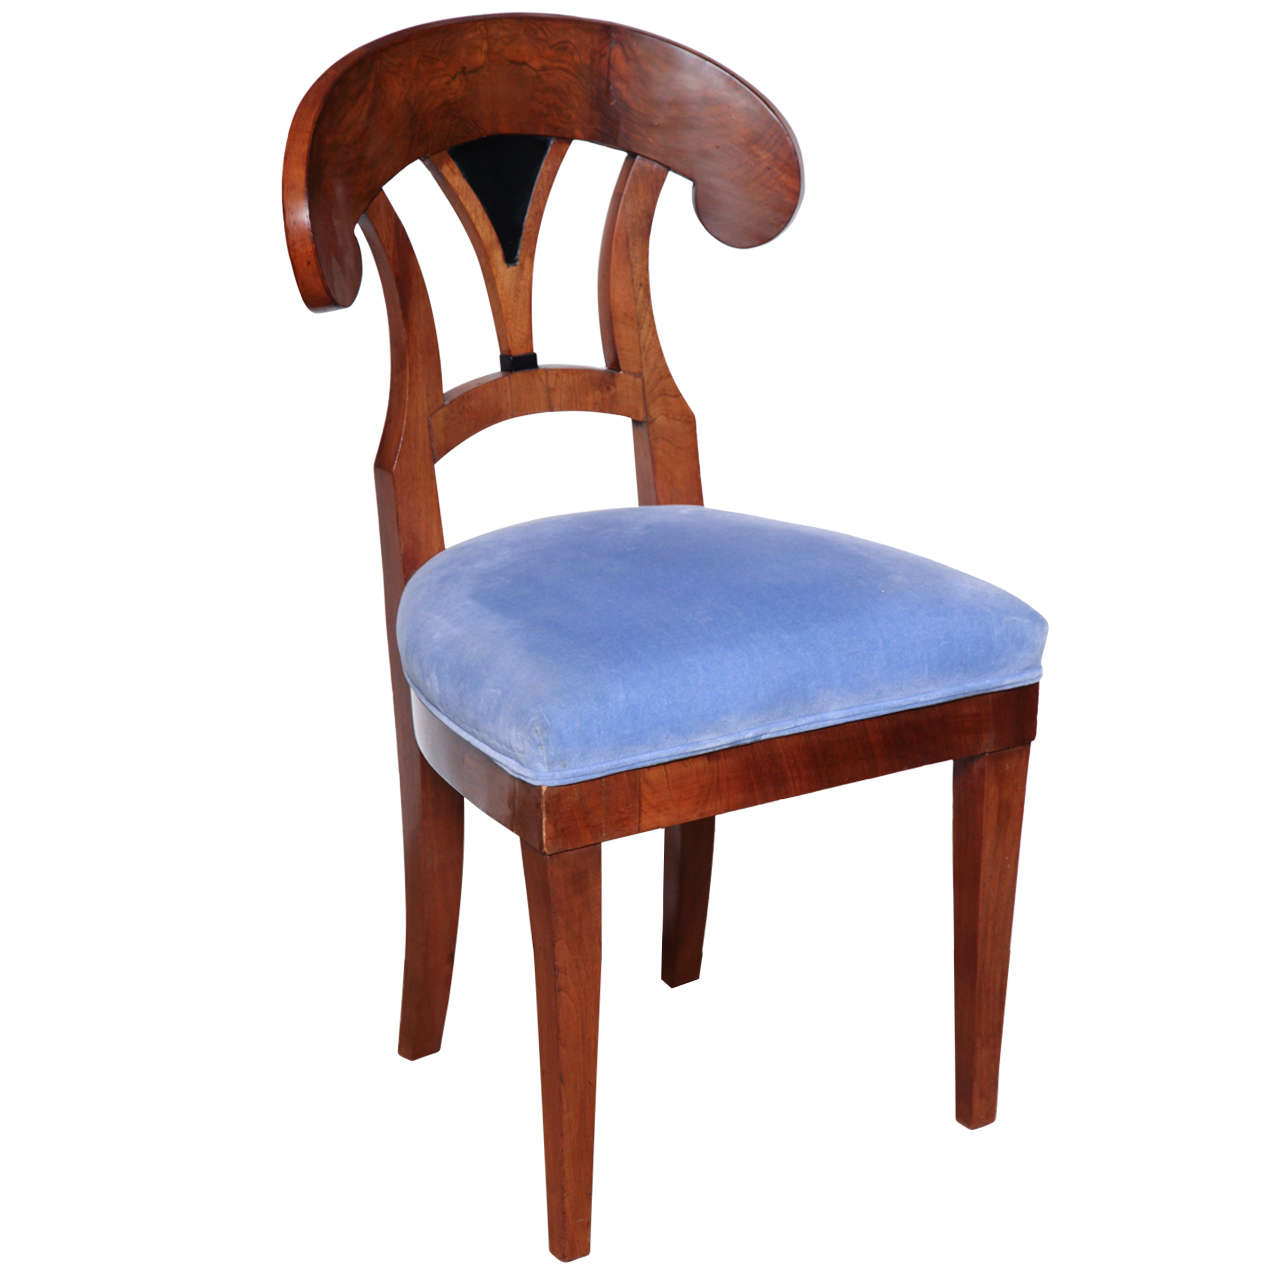 Early 19th Century Biedermeier, Walnut Side Chair